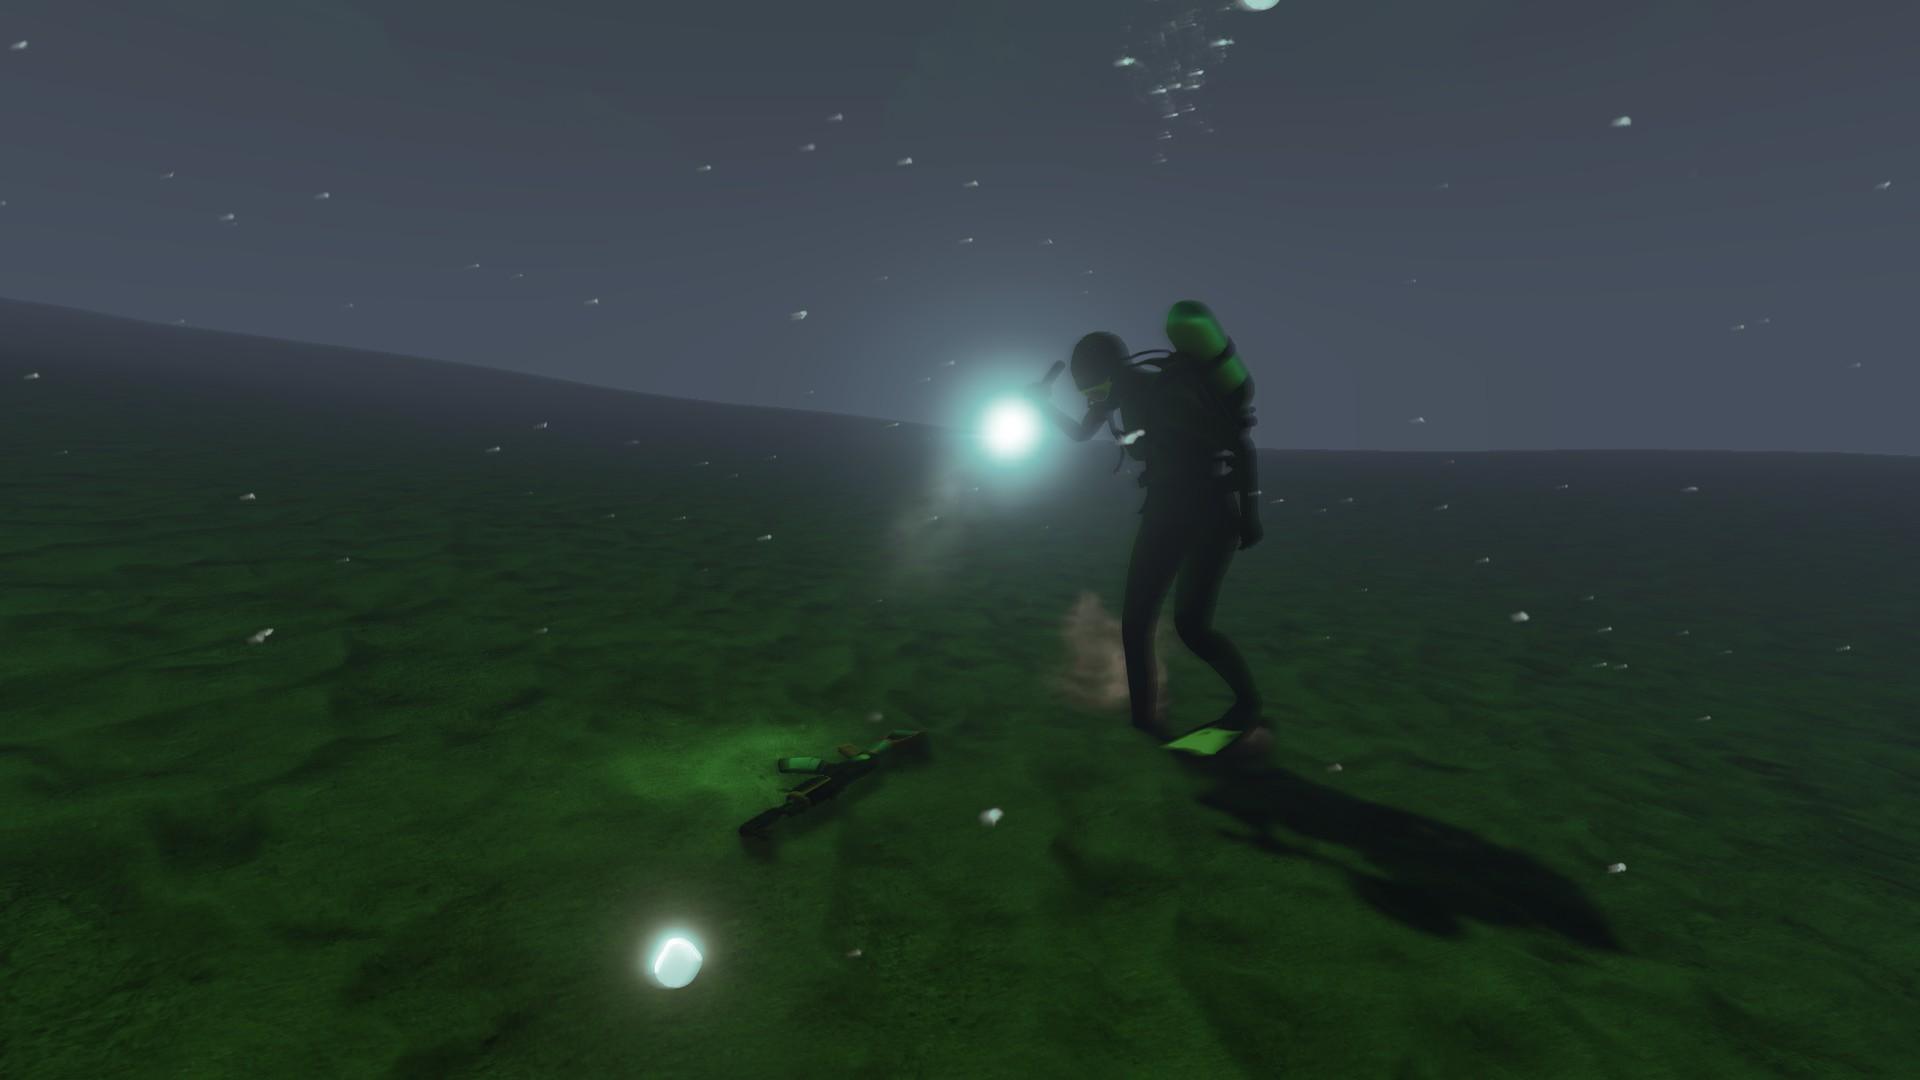 Finding guns under water